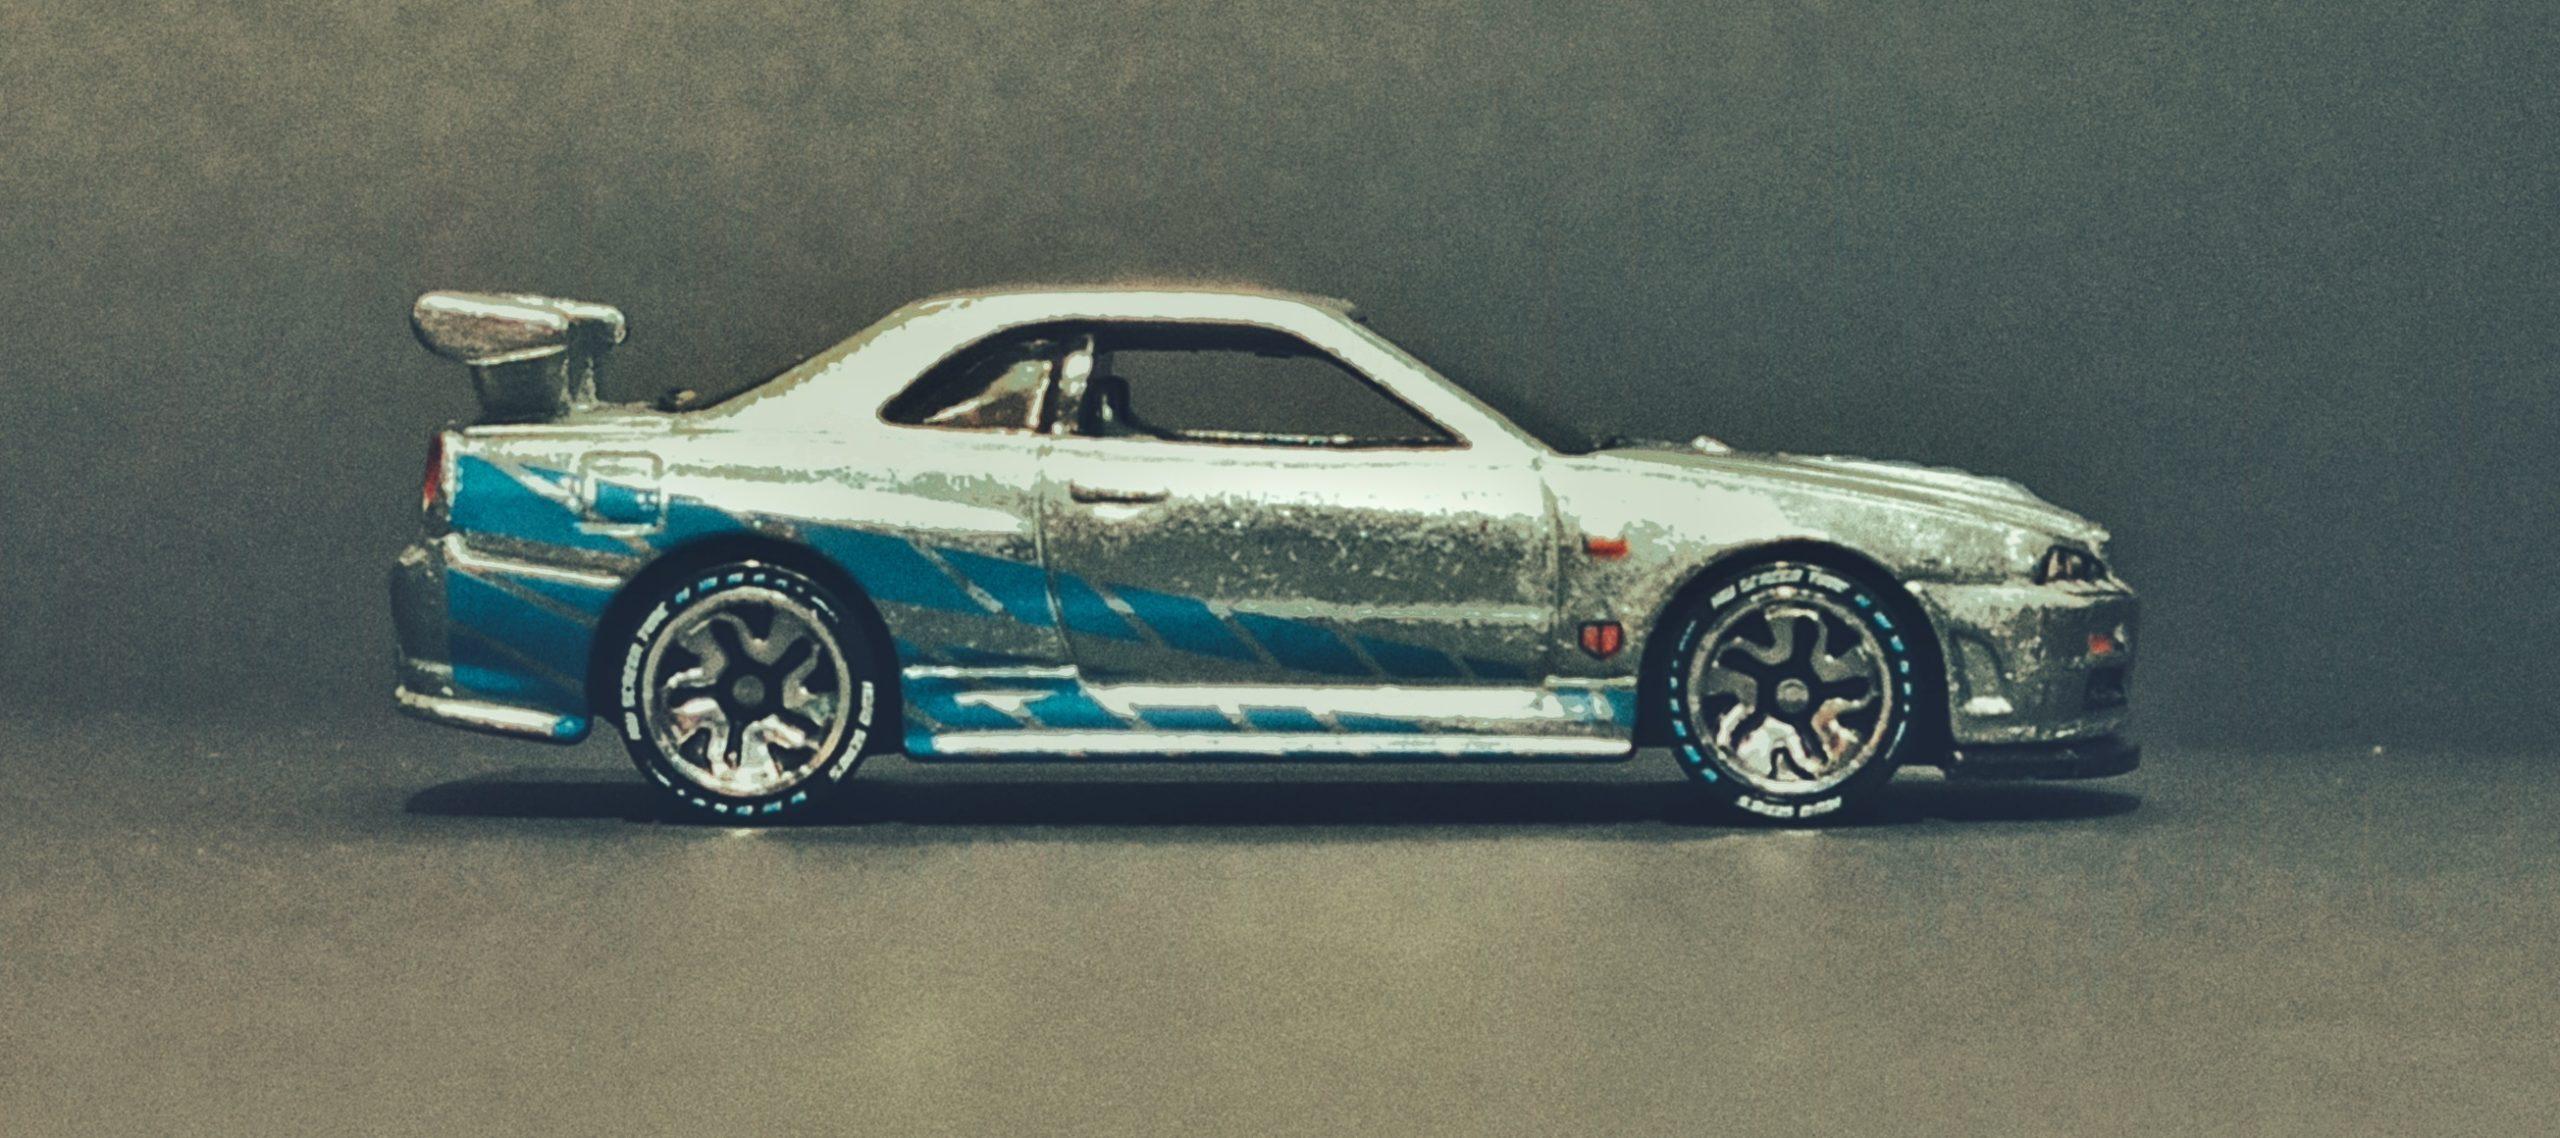 Hot Wheels id Nissan Skyline GT-R (R34) (HCJ08) 2021 HW Screen Time (01/03) zamac side